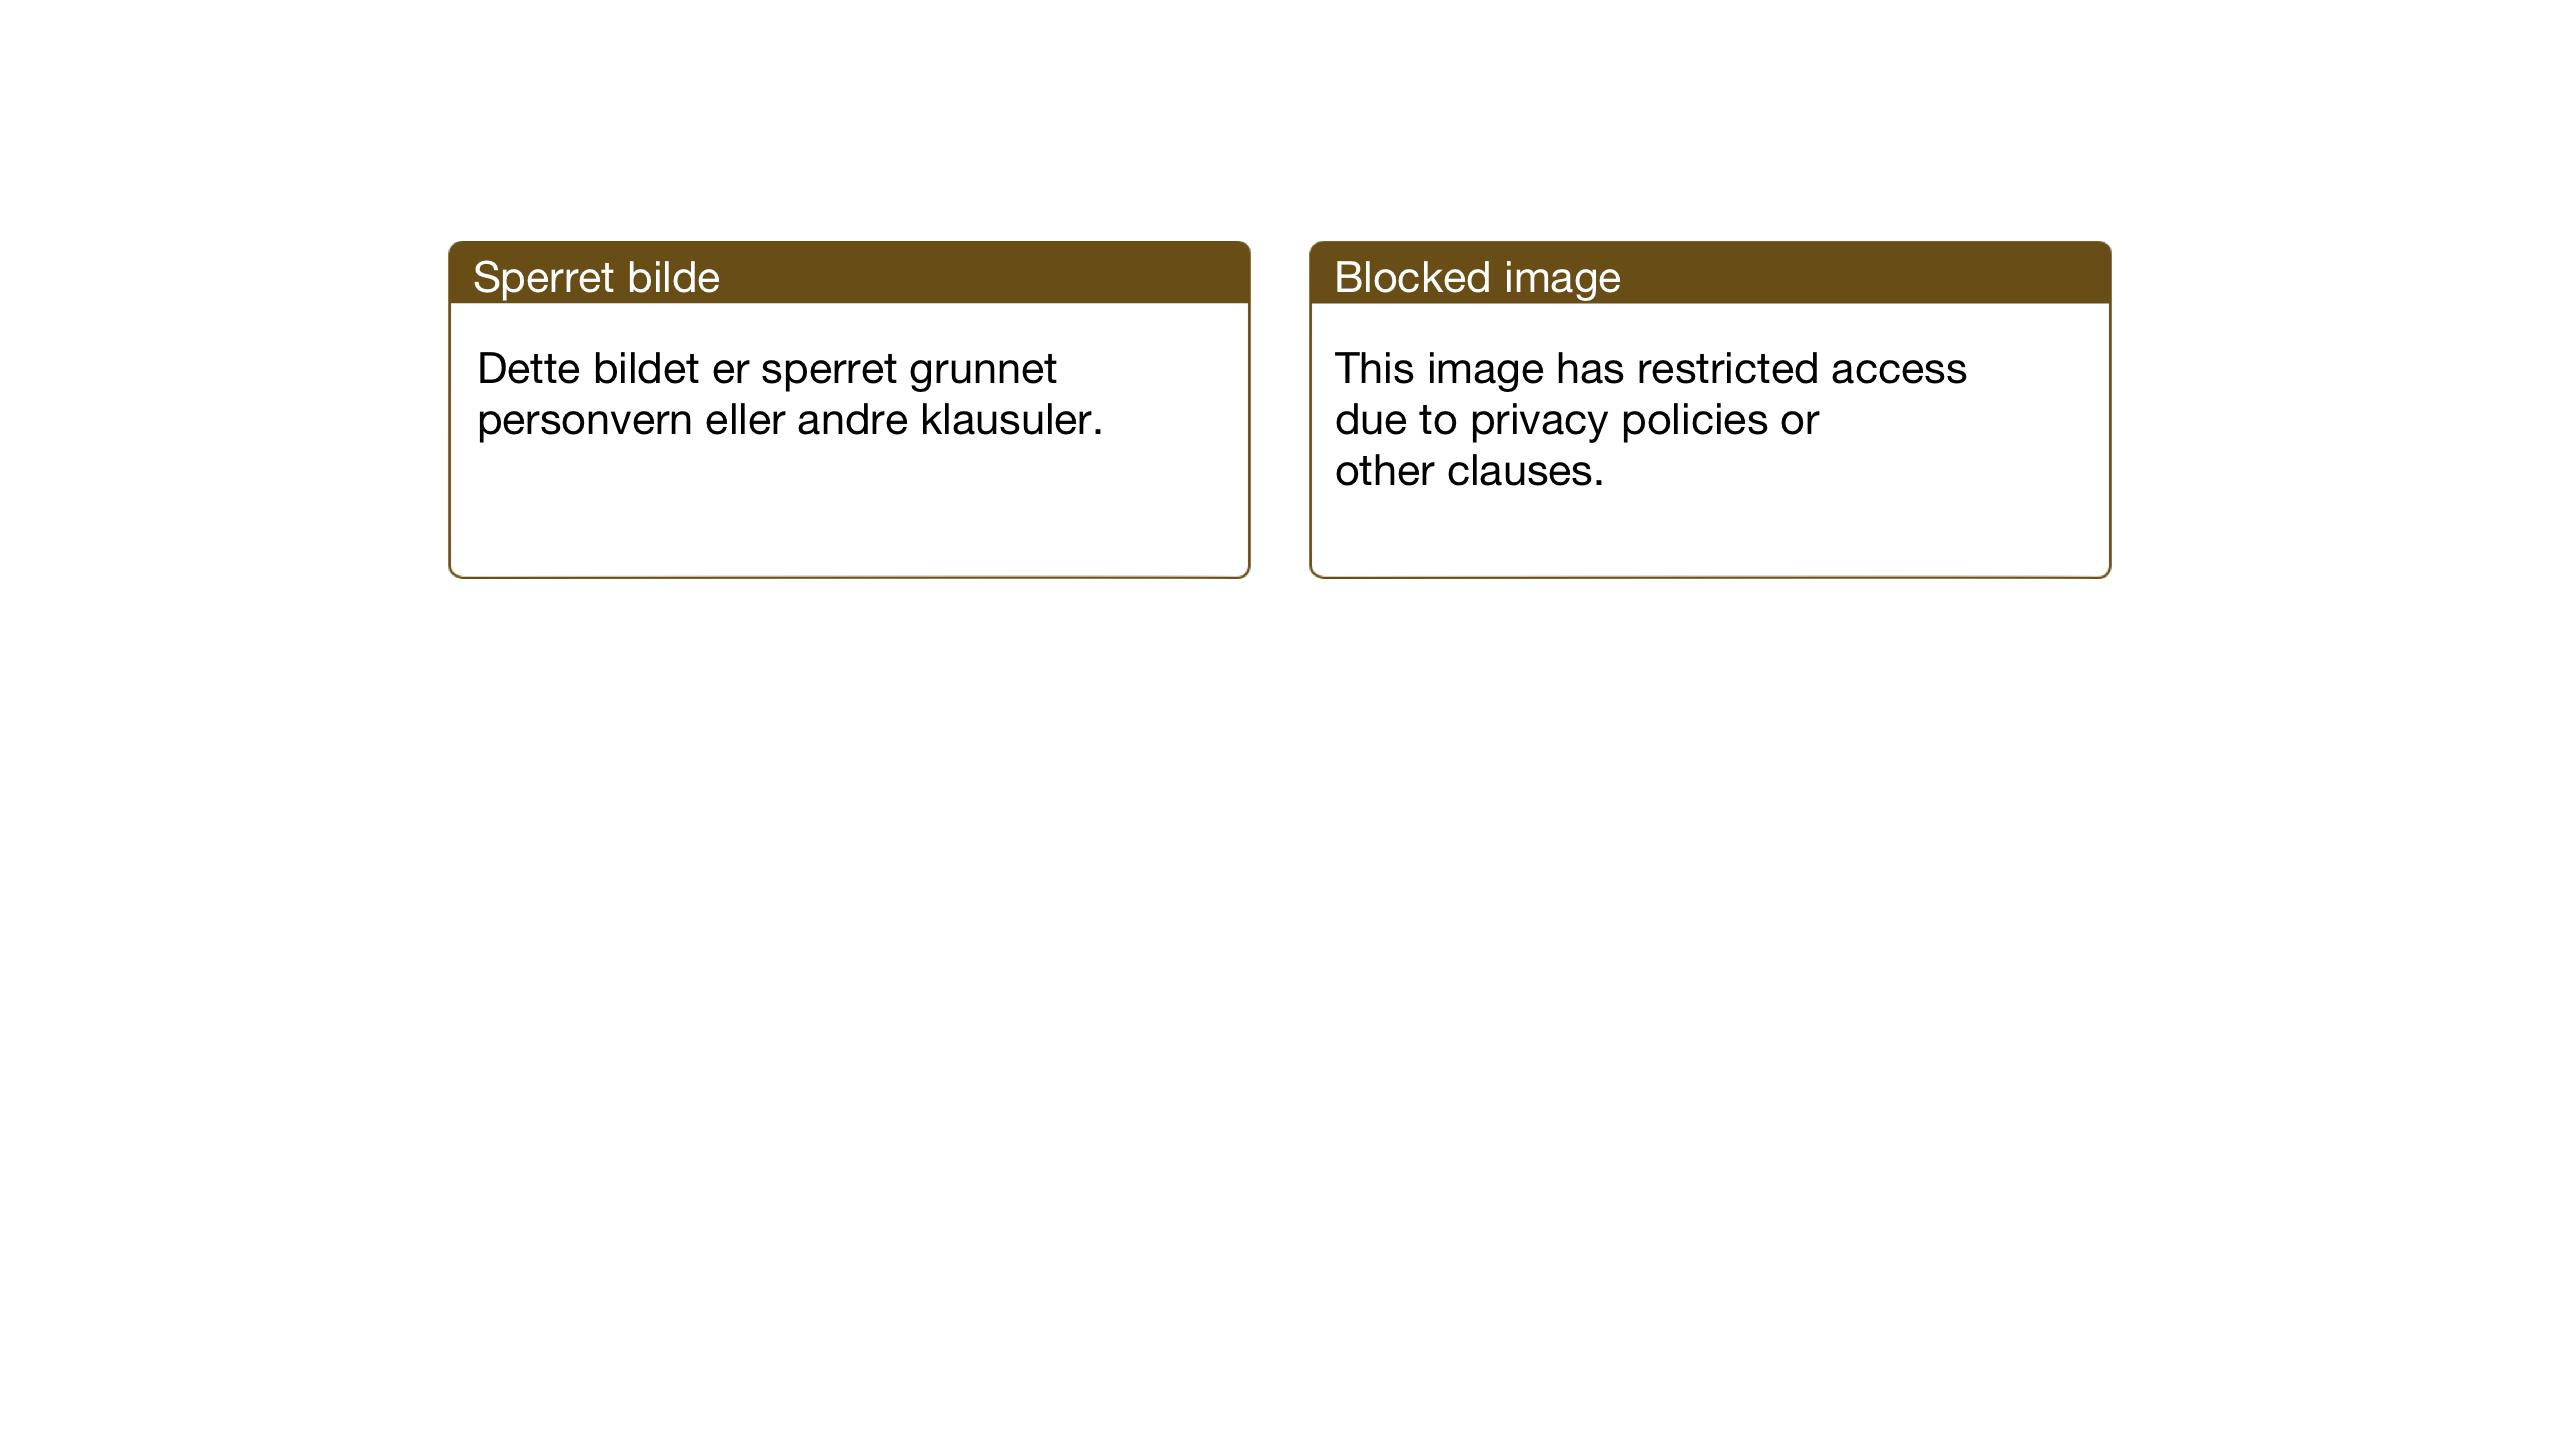 SAT, Ministerialprotokoller, klokkerbøker og fødselsregistre - Sør-Trøndelag, 674/L0877: Klokkerbok nr. 674C04, 1913-1940, s. 68